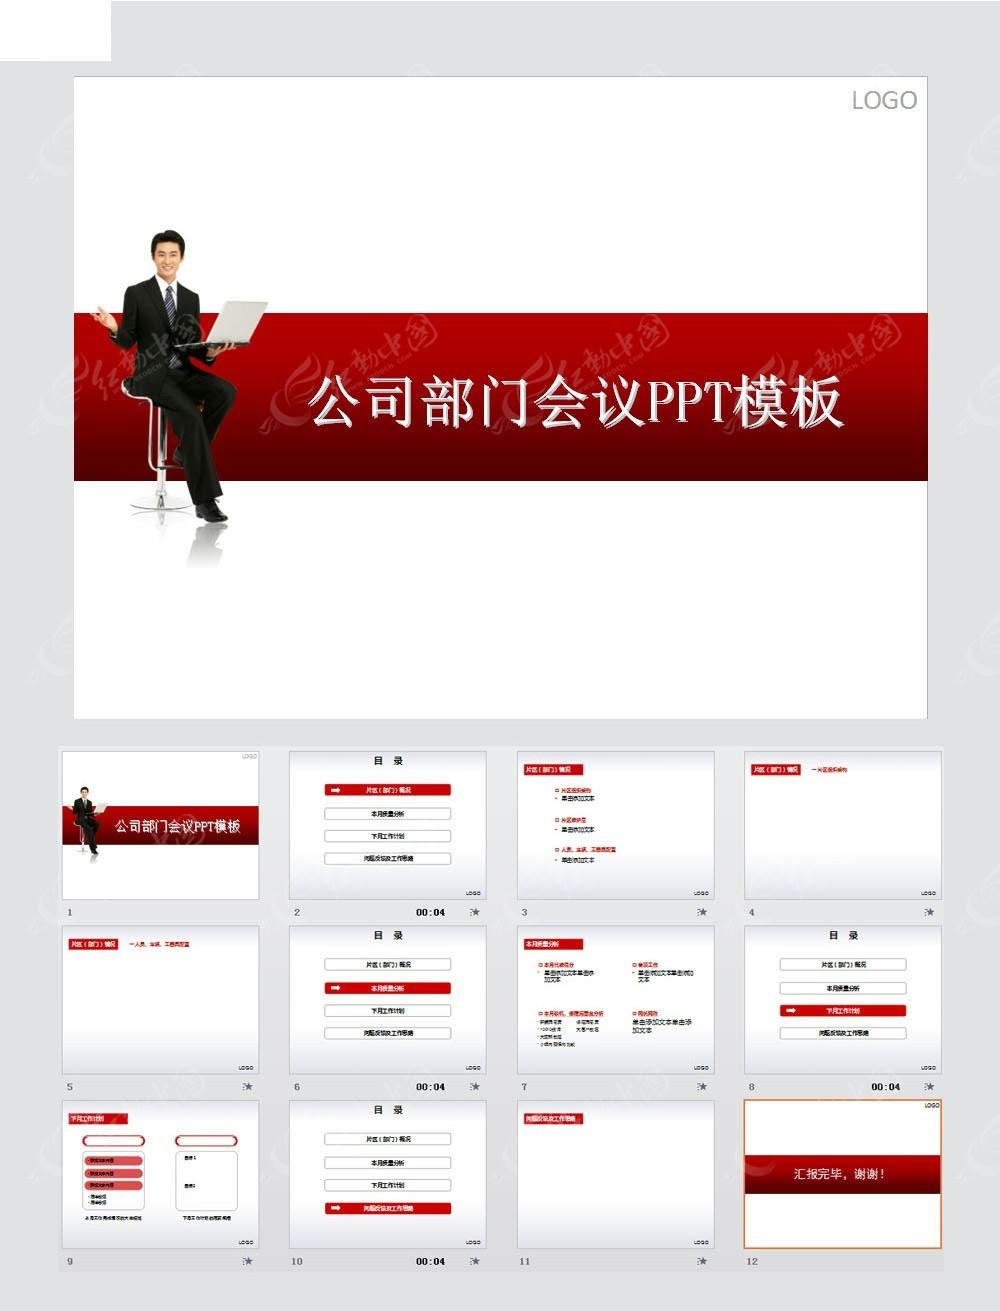 公司部门会议PPT模板素材免费下载 编号3675460 红动网